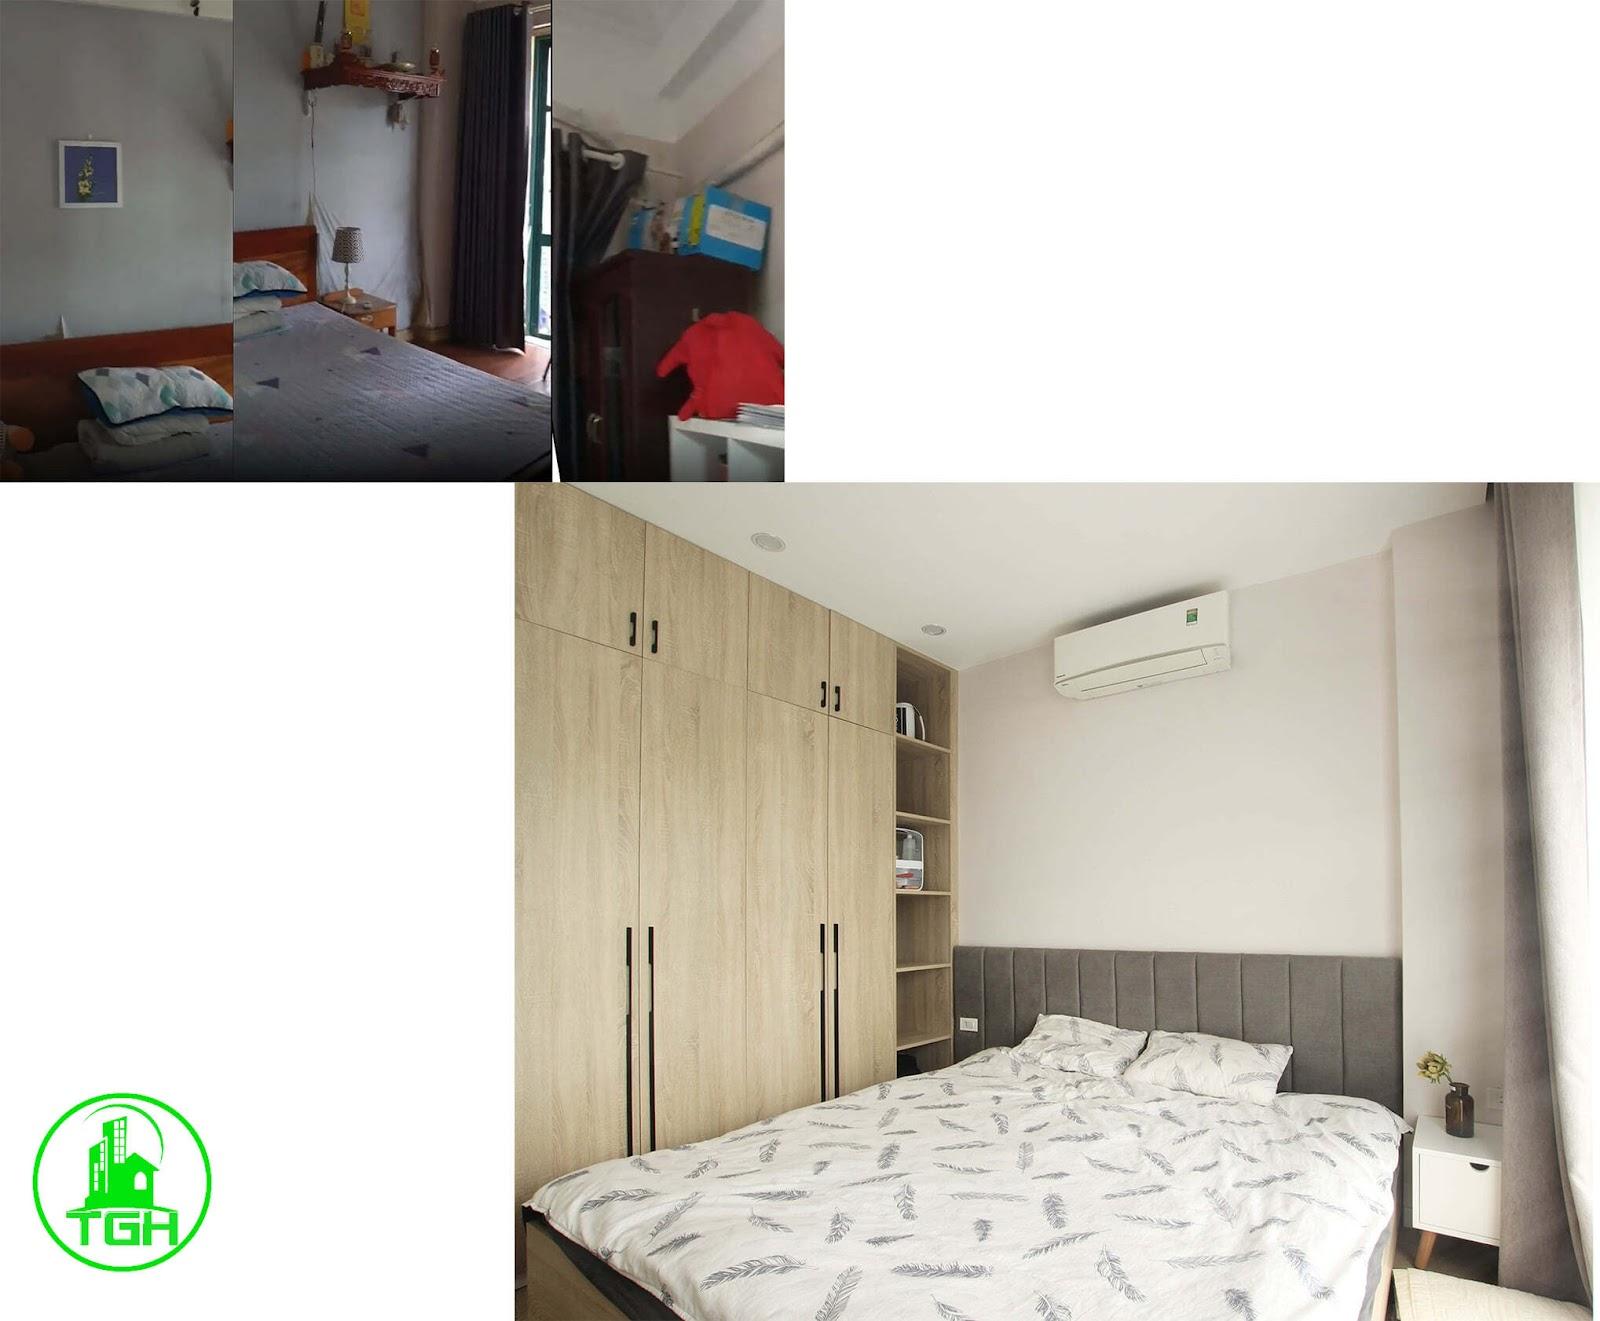 phòng ngủ lớn trước và sau khi sửa chữa